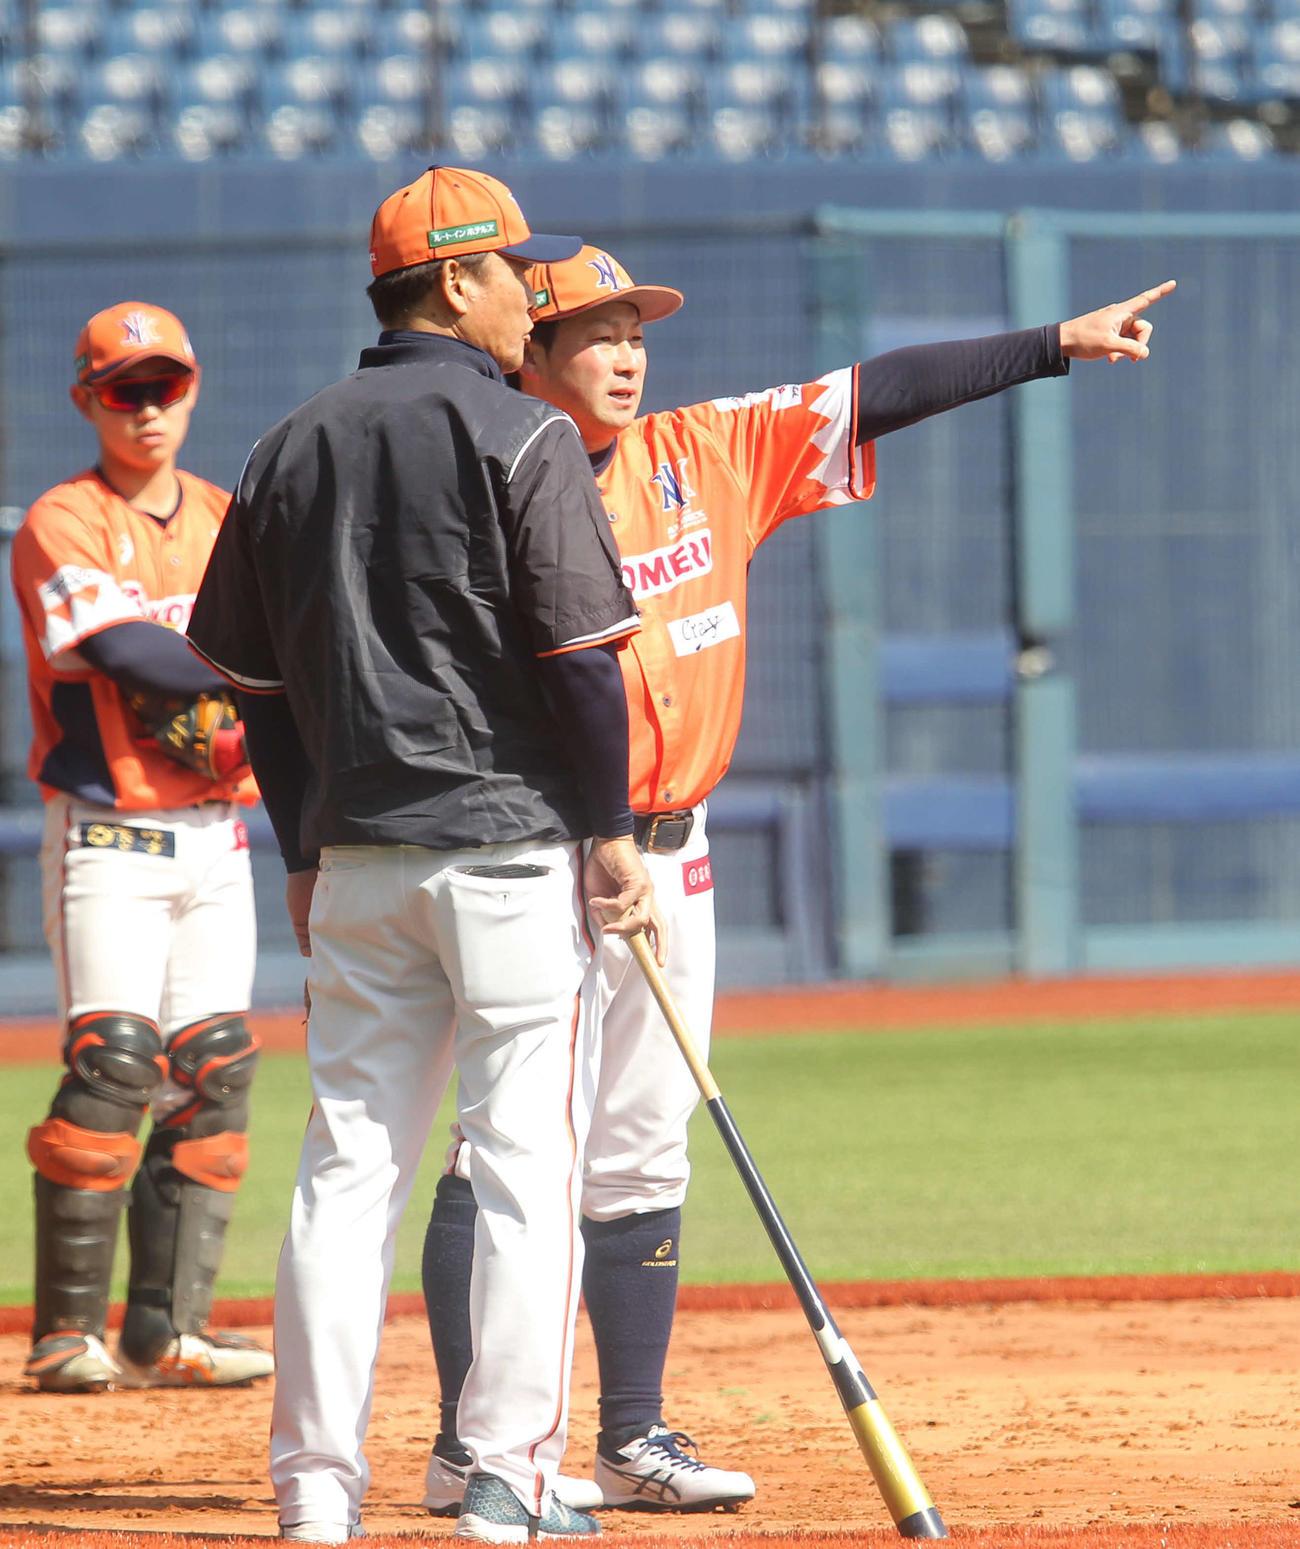 橋上監督(背中)と練習の打ち合わせをする稲葉内野手兼野手コーチ(右)